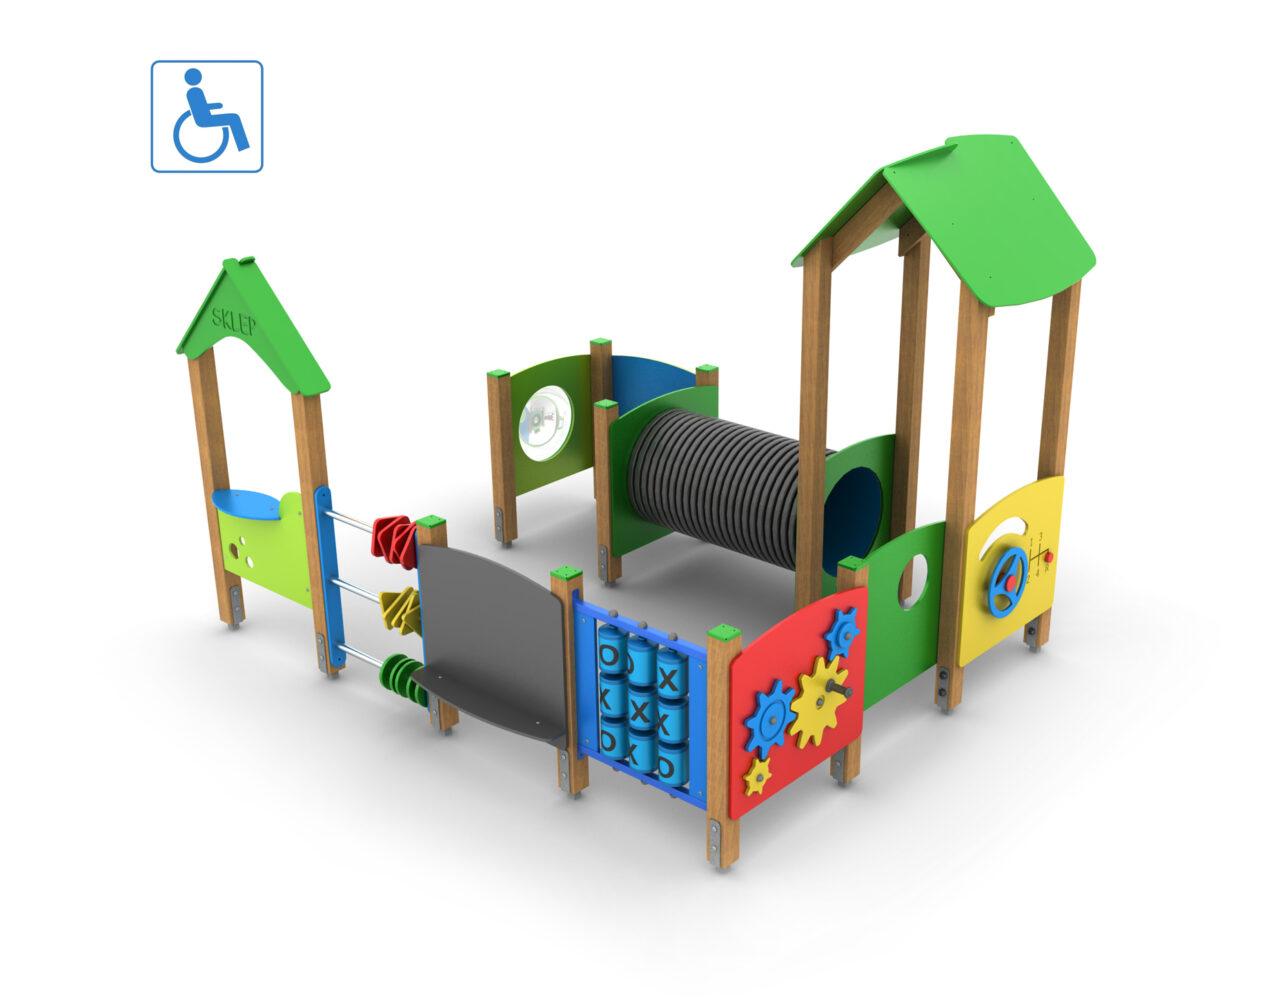 Integracyjny plac zabaw dla dzieci niepełnosprawnych na wózkach inwalidzkich producent koedukacyjne place zabaw